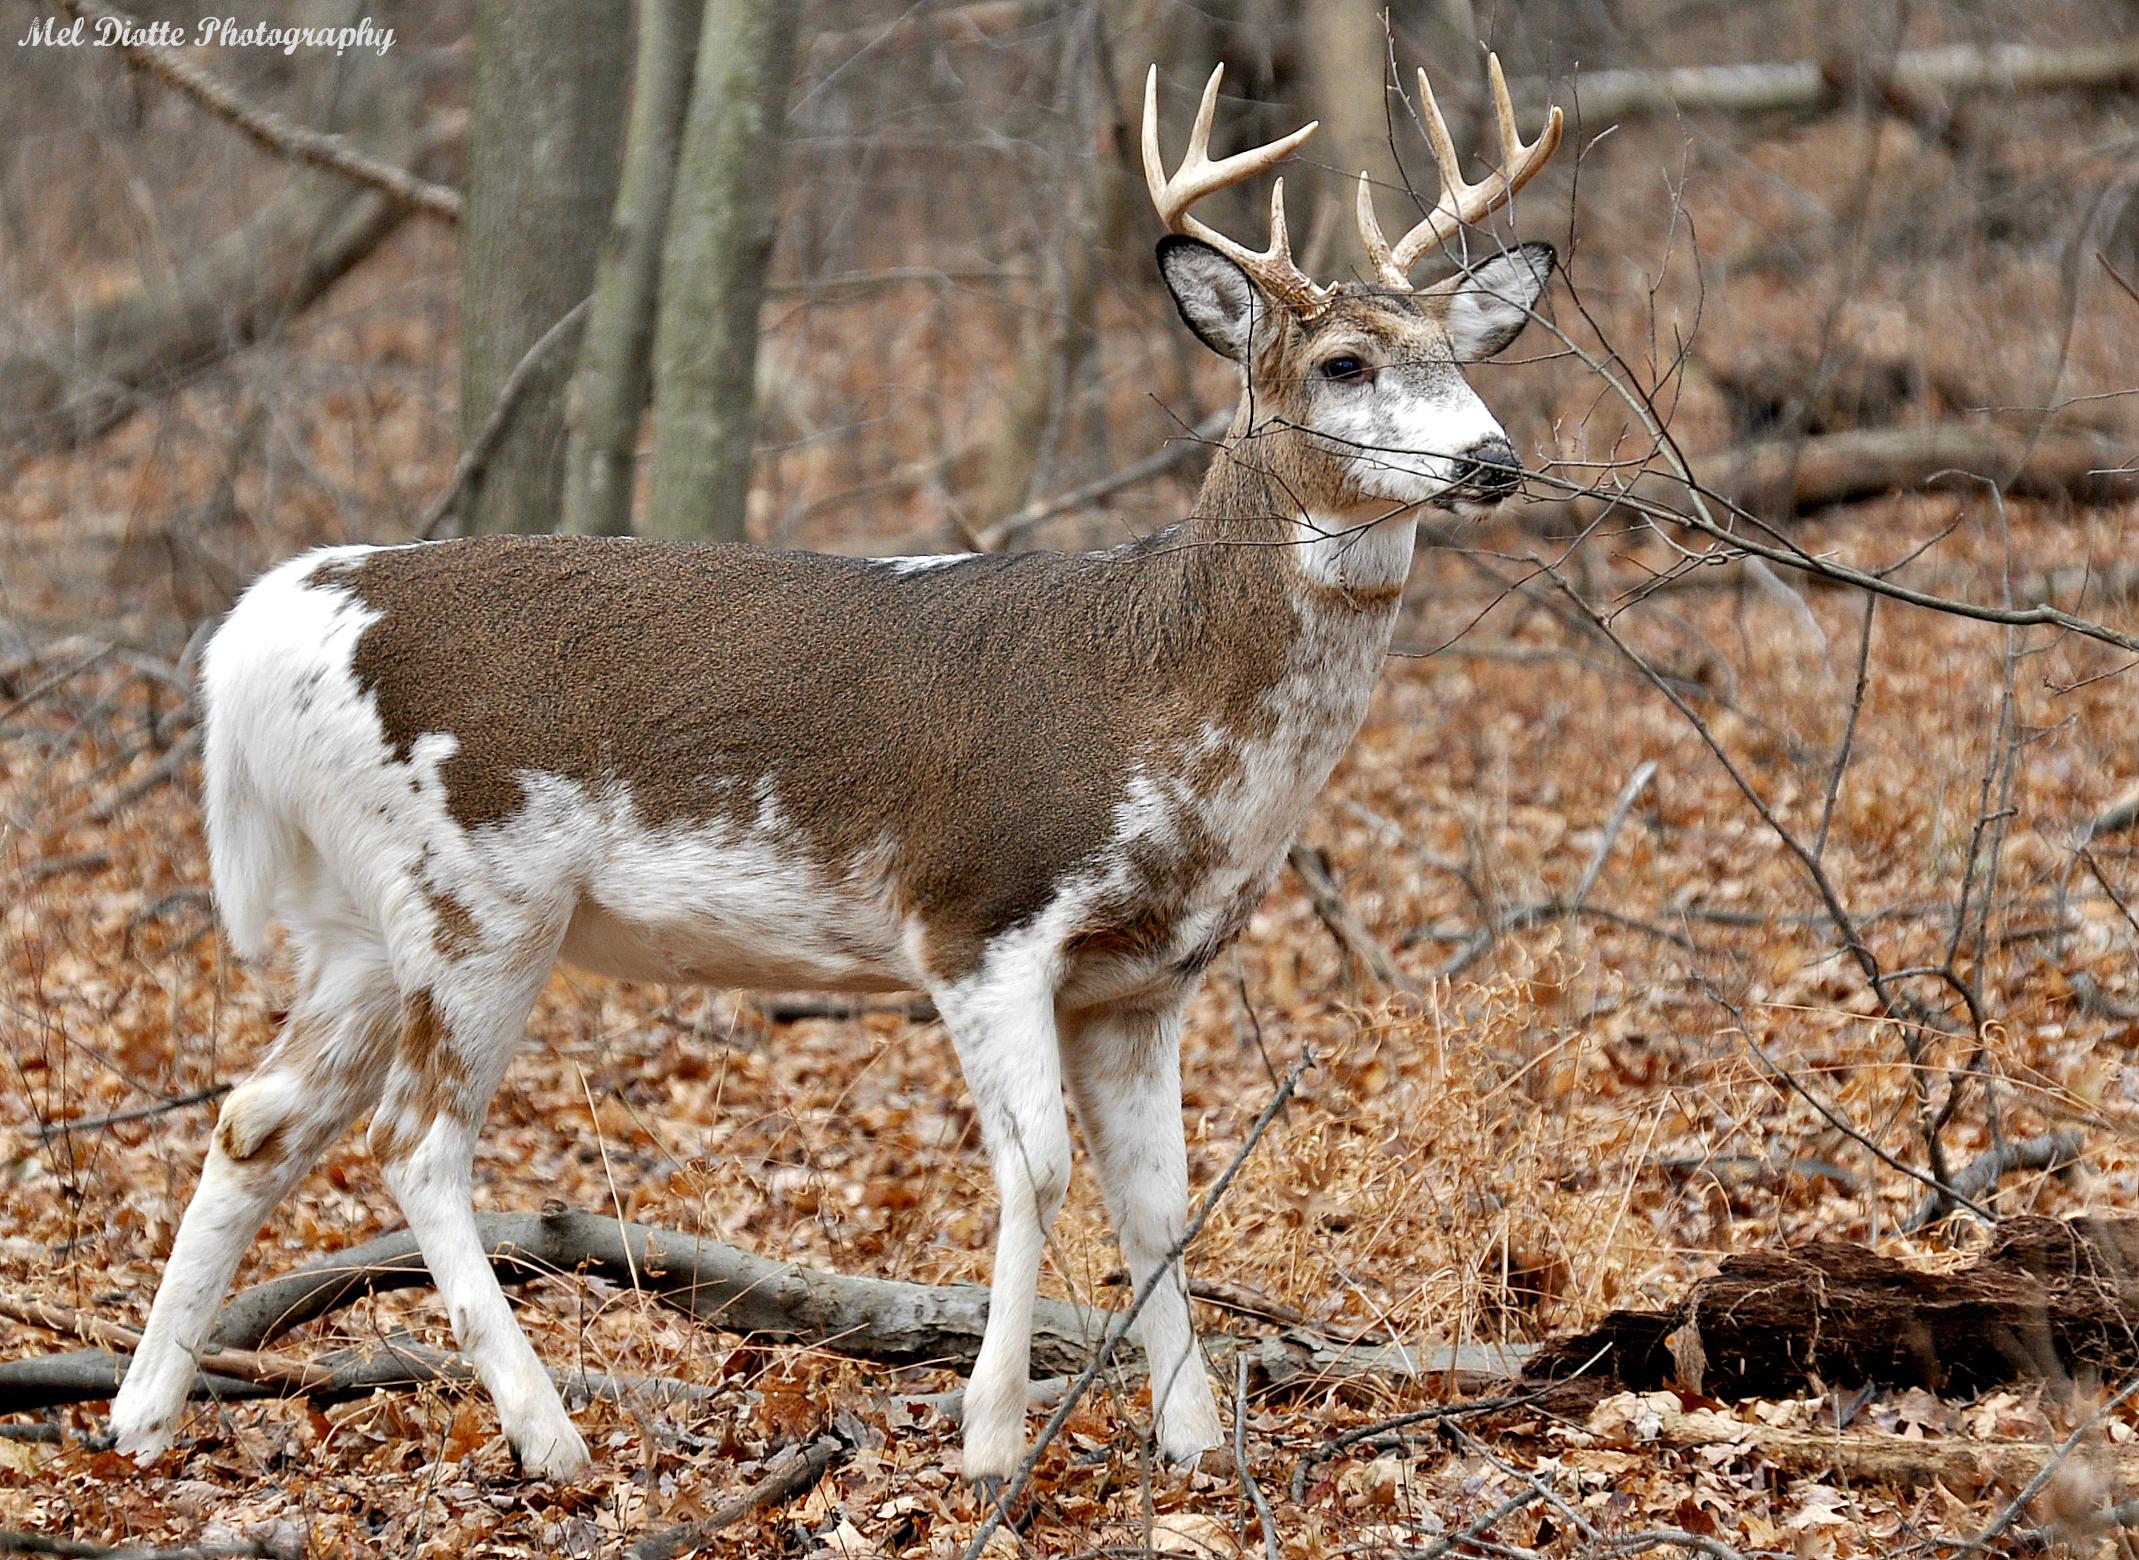 whitetail deer piebald.jpg